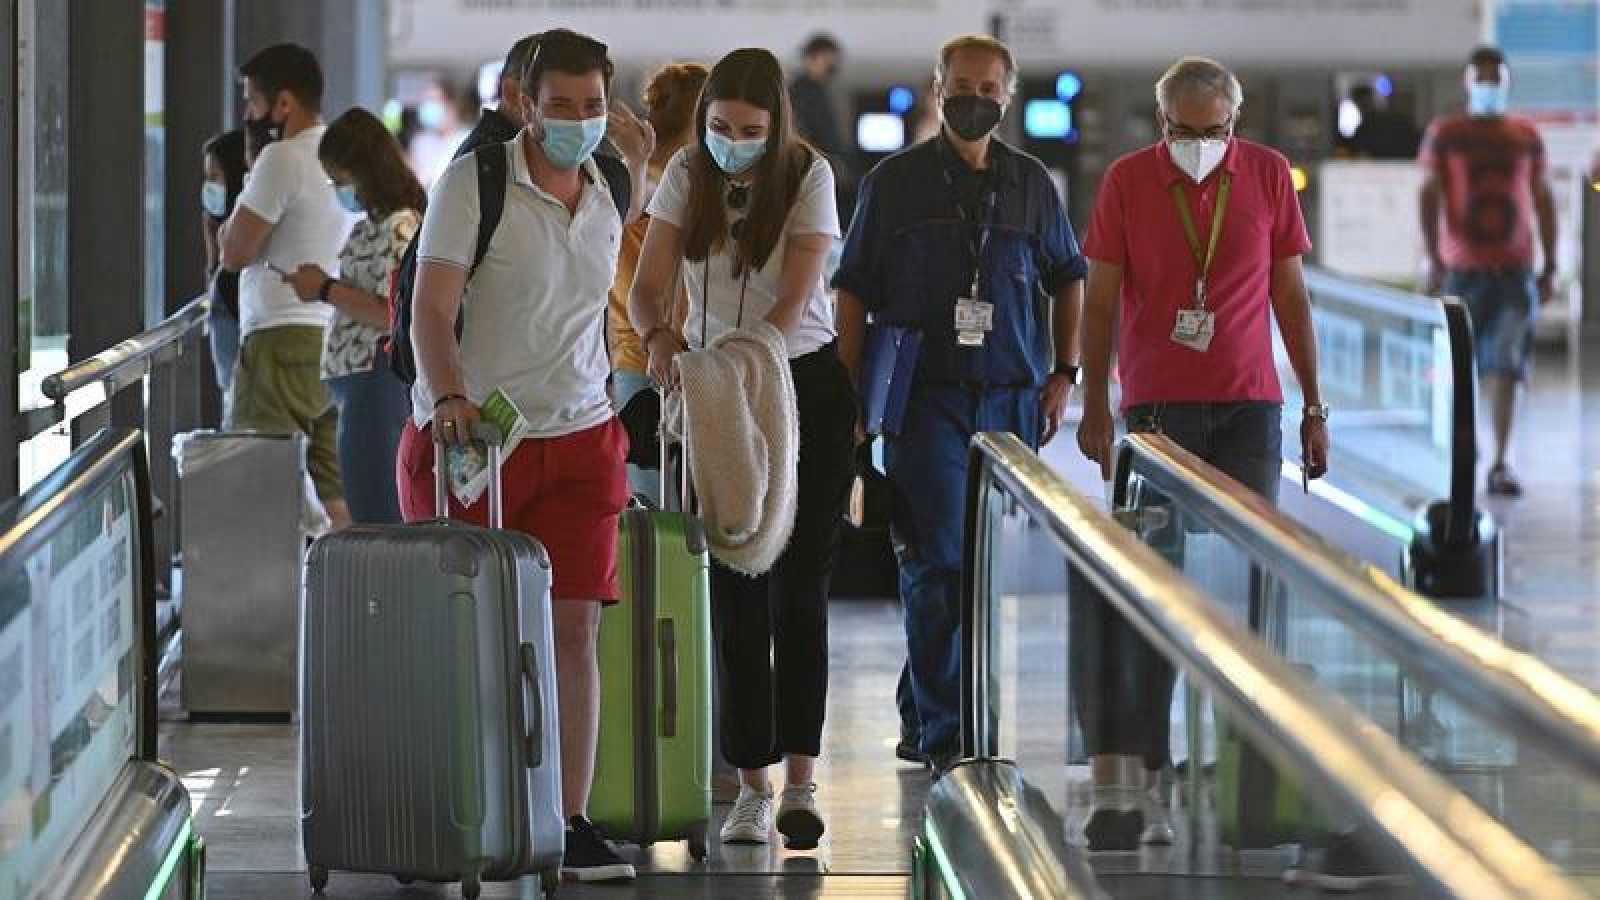 Varios turistas caminan por la terminal 4 del aeropuerto Adolfo Suárez Madrid Barajas